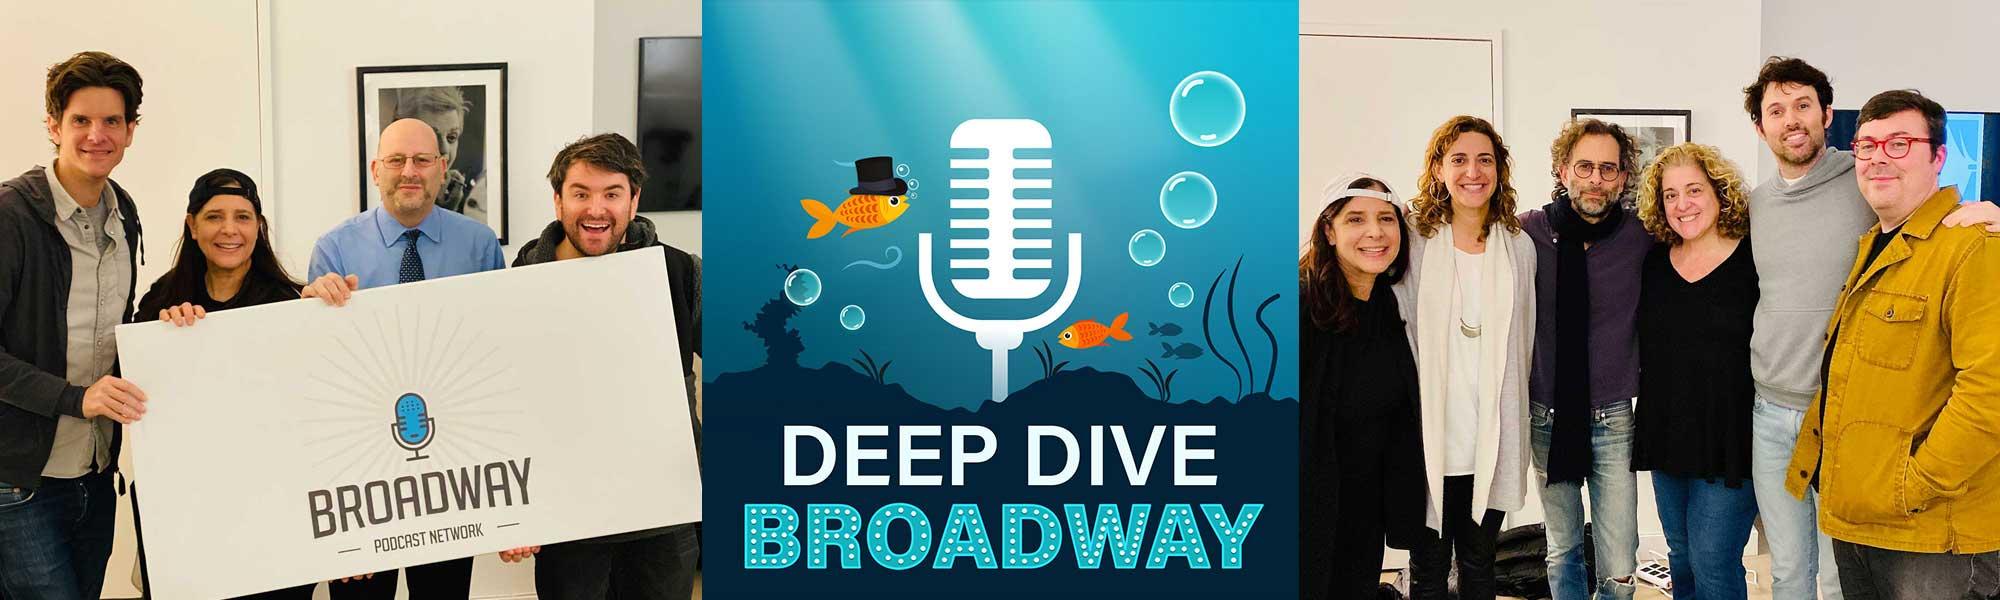 Deep Dive Broadway Dori Berinstein